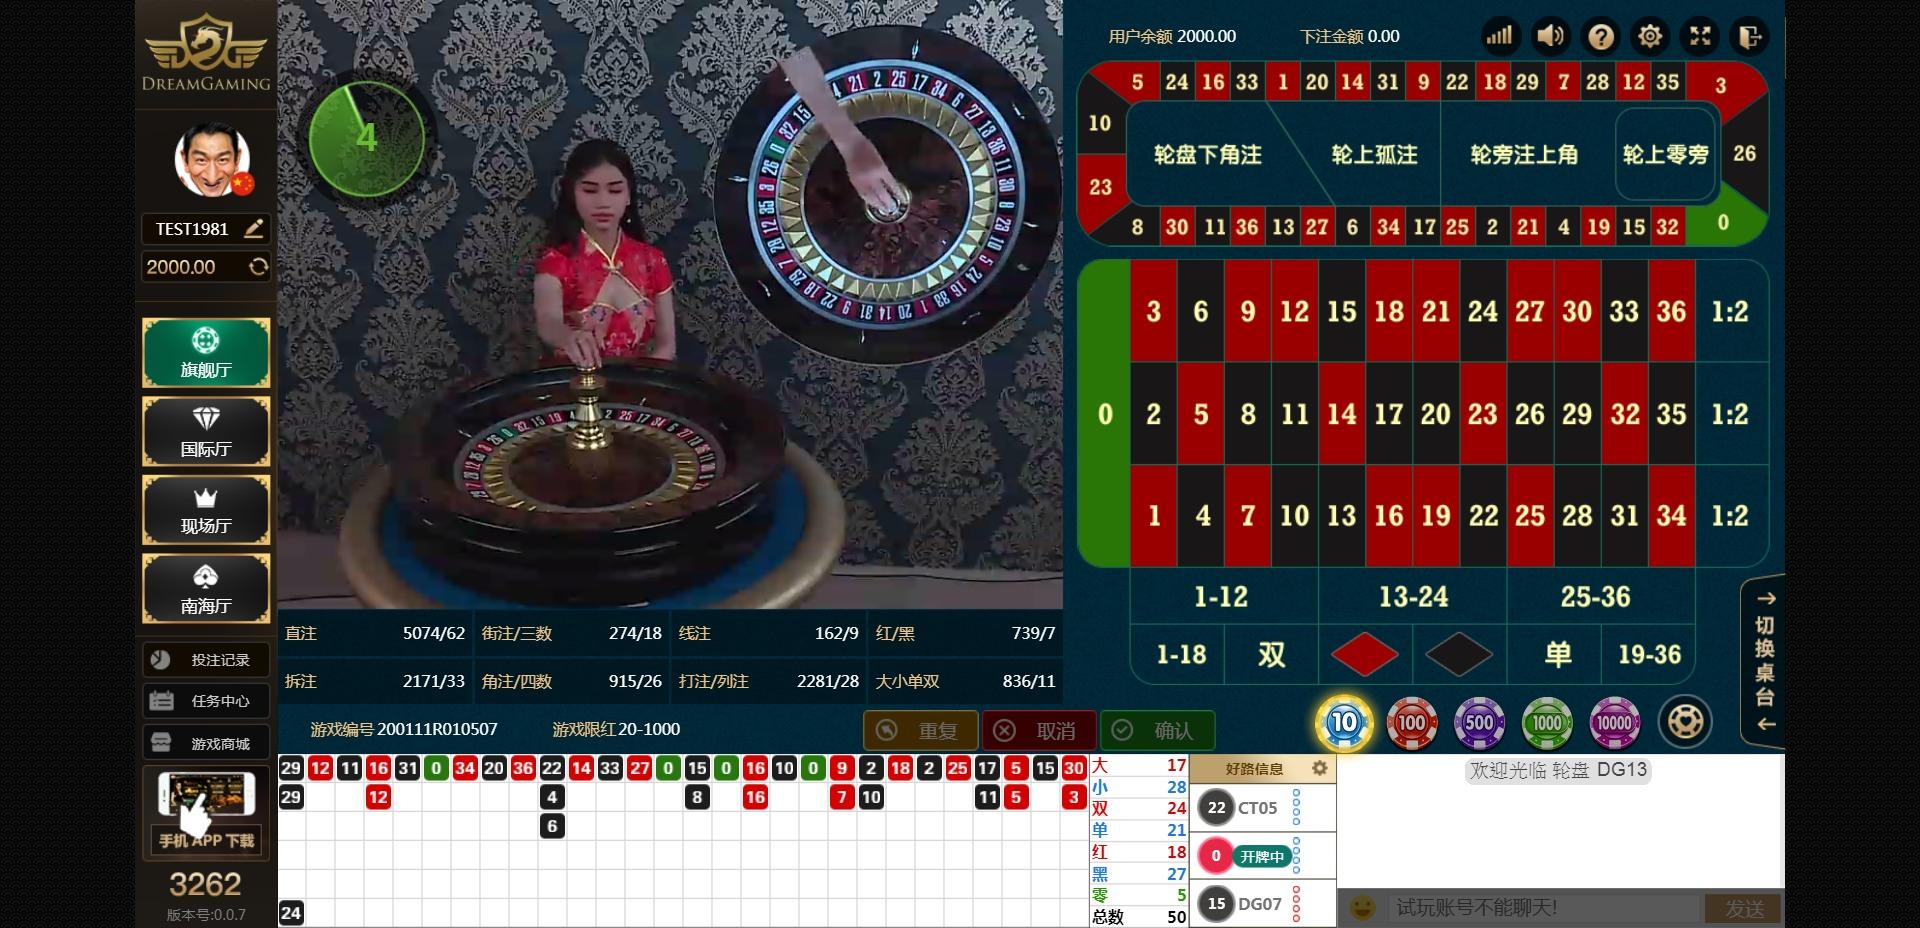 梭哈教學五張牌梭哈叫牌玩法介紹五張牌梭哈規則